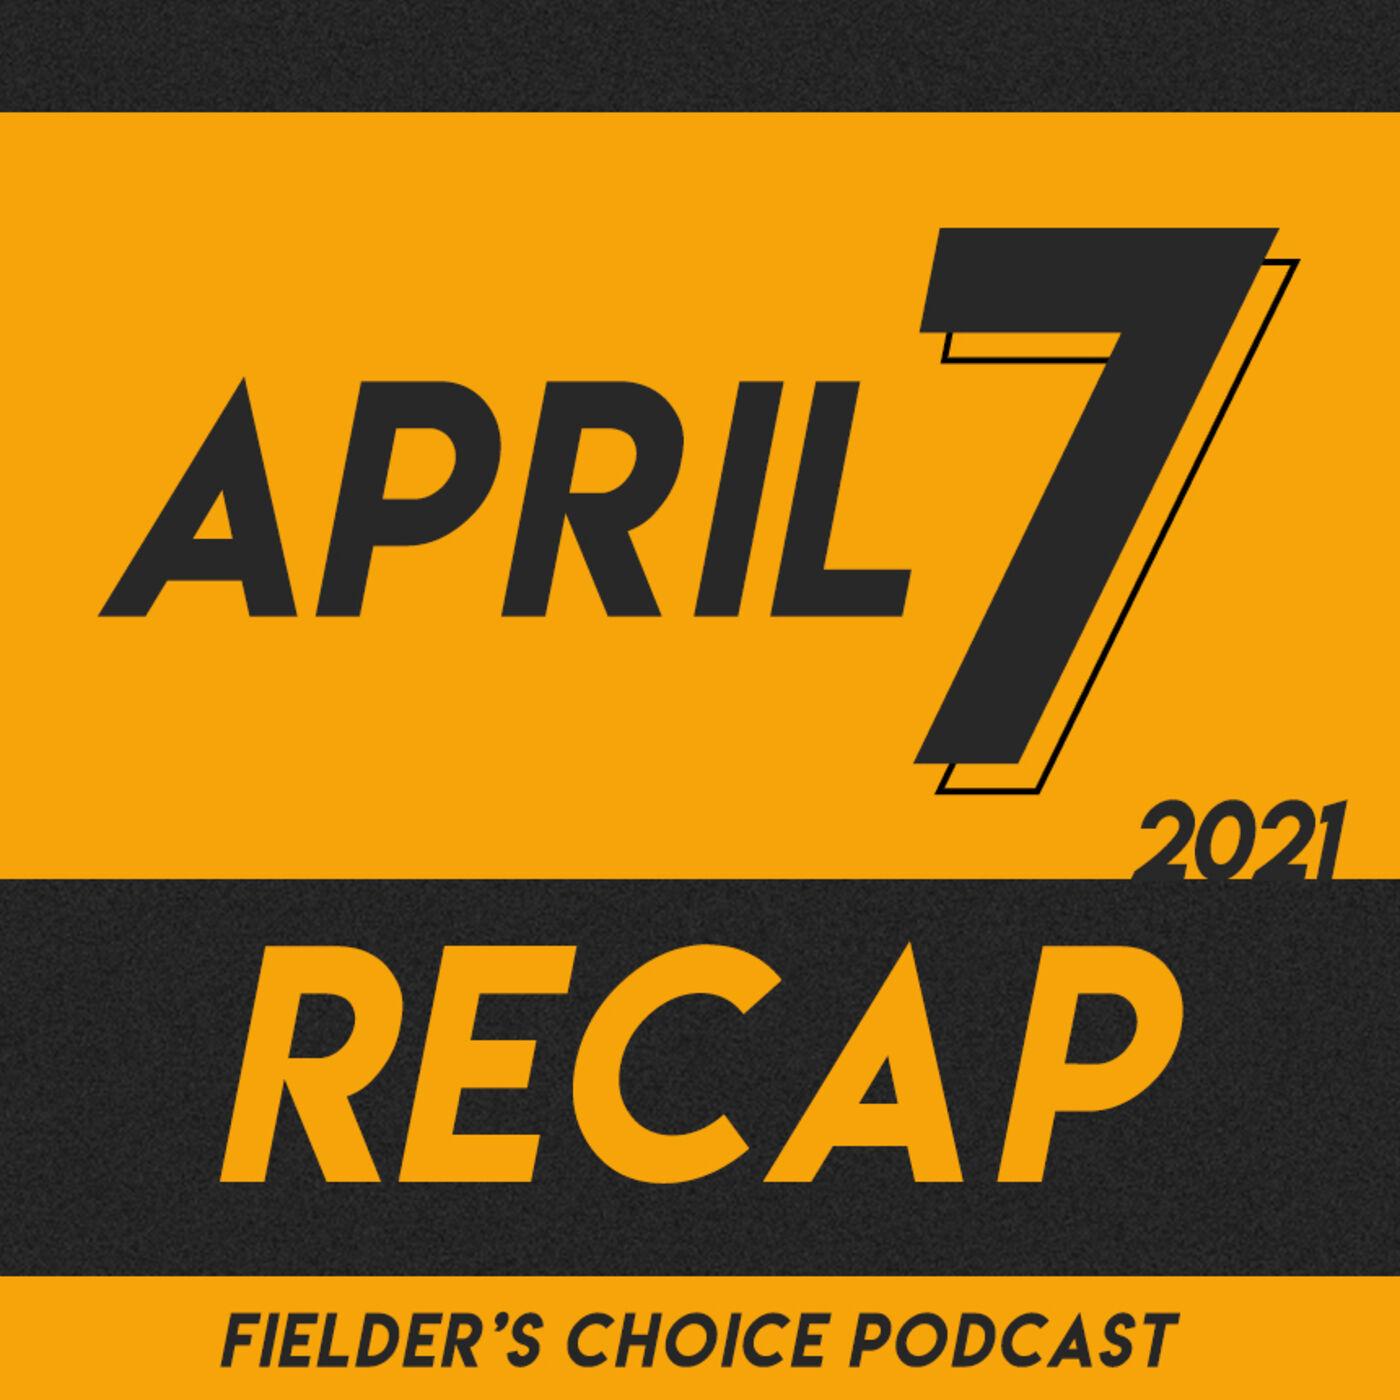 April 7, 2021 Recap